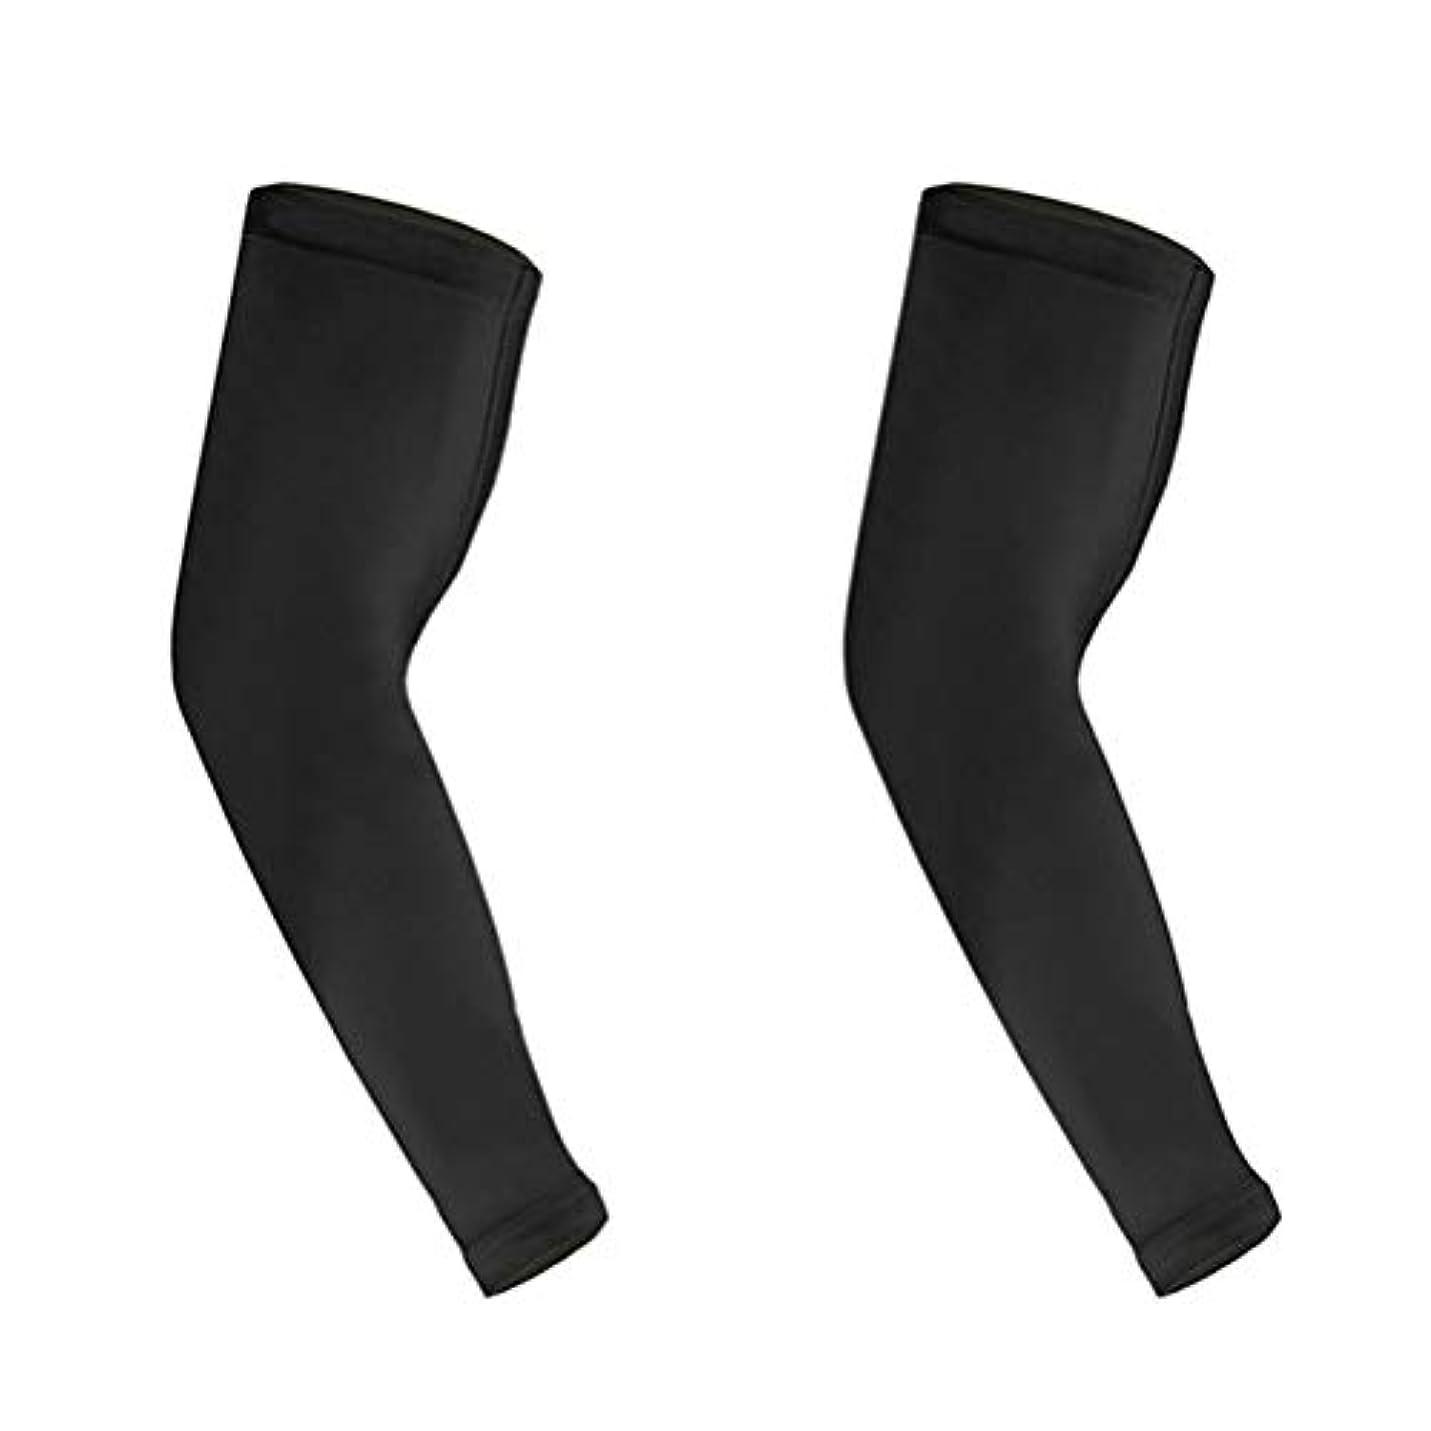 クリック置くためにパック繊毛HEALIFTY 男性用スポーツアームスリーブ肘袖ロング肘サポートスリーブM 2本(ブラック)